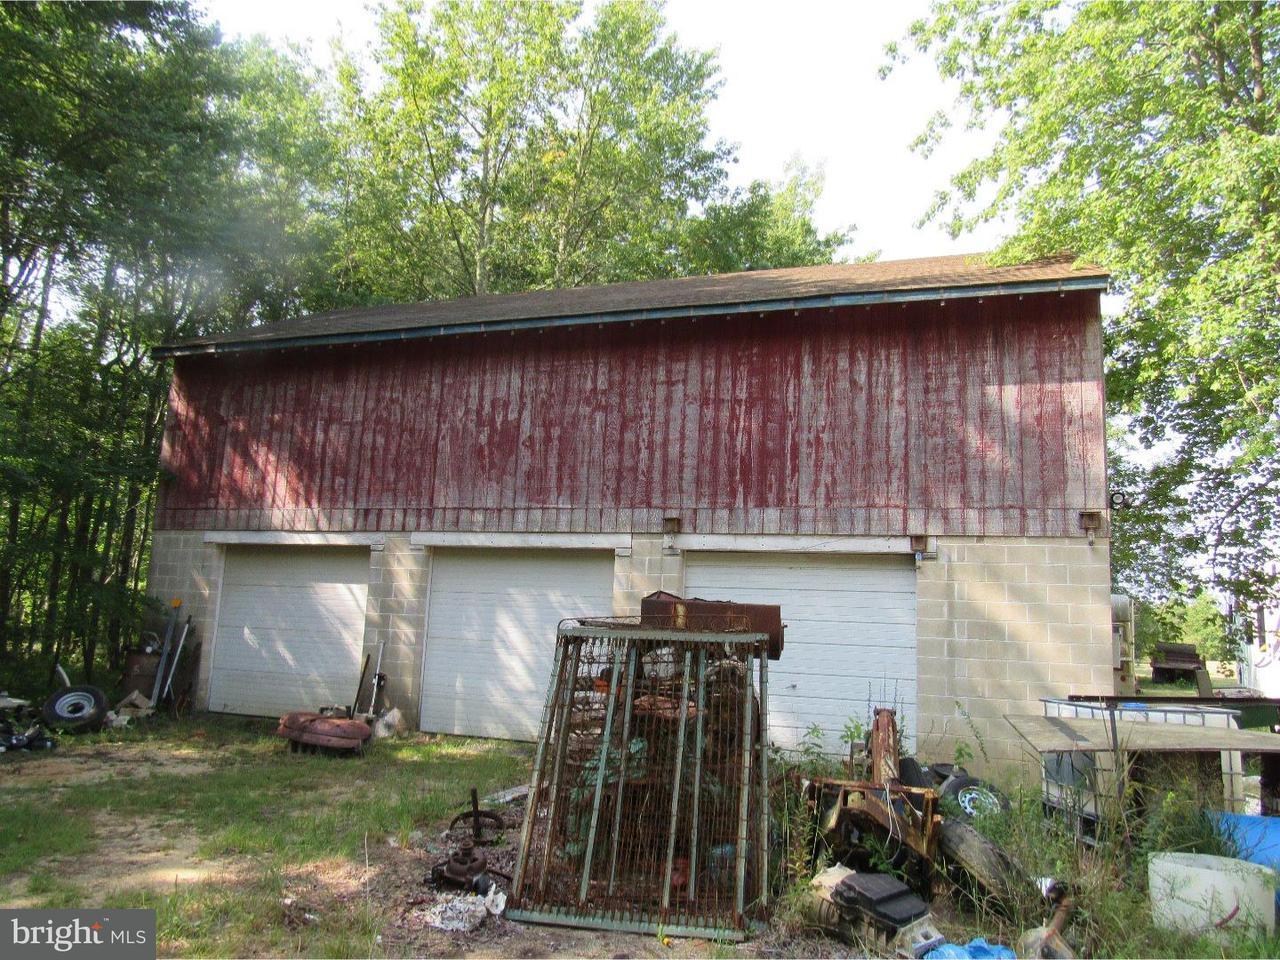 独户住宅 为 销售 在 4553 ROUTE 47 Delmont, 新泽西州 08314 美国